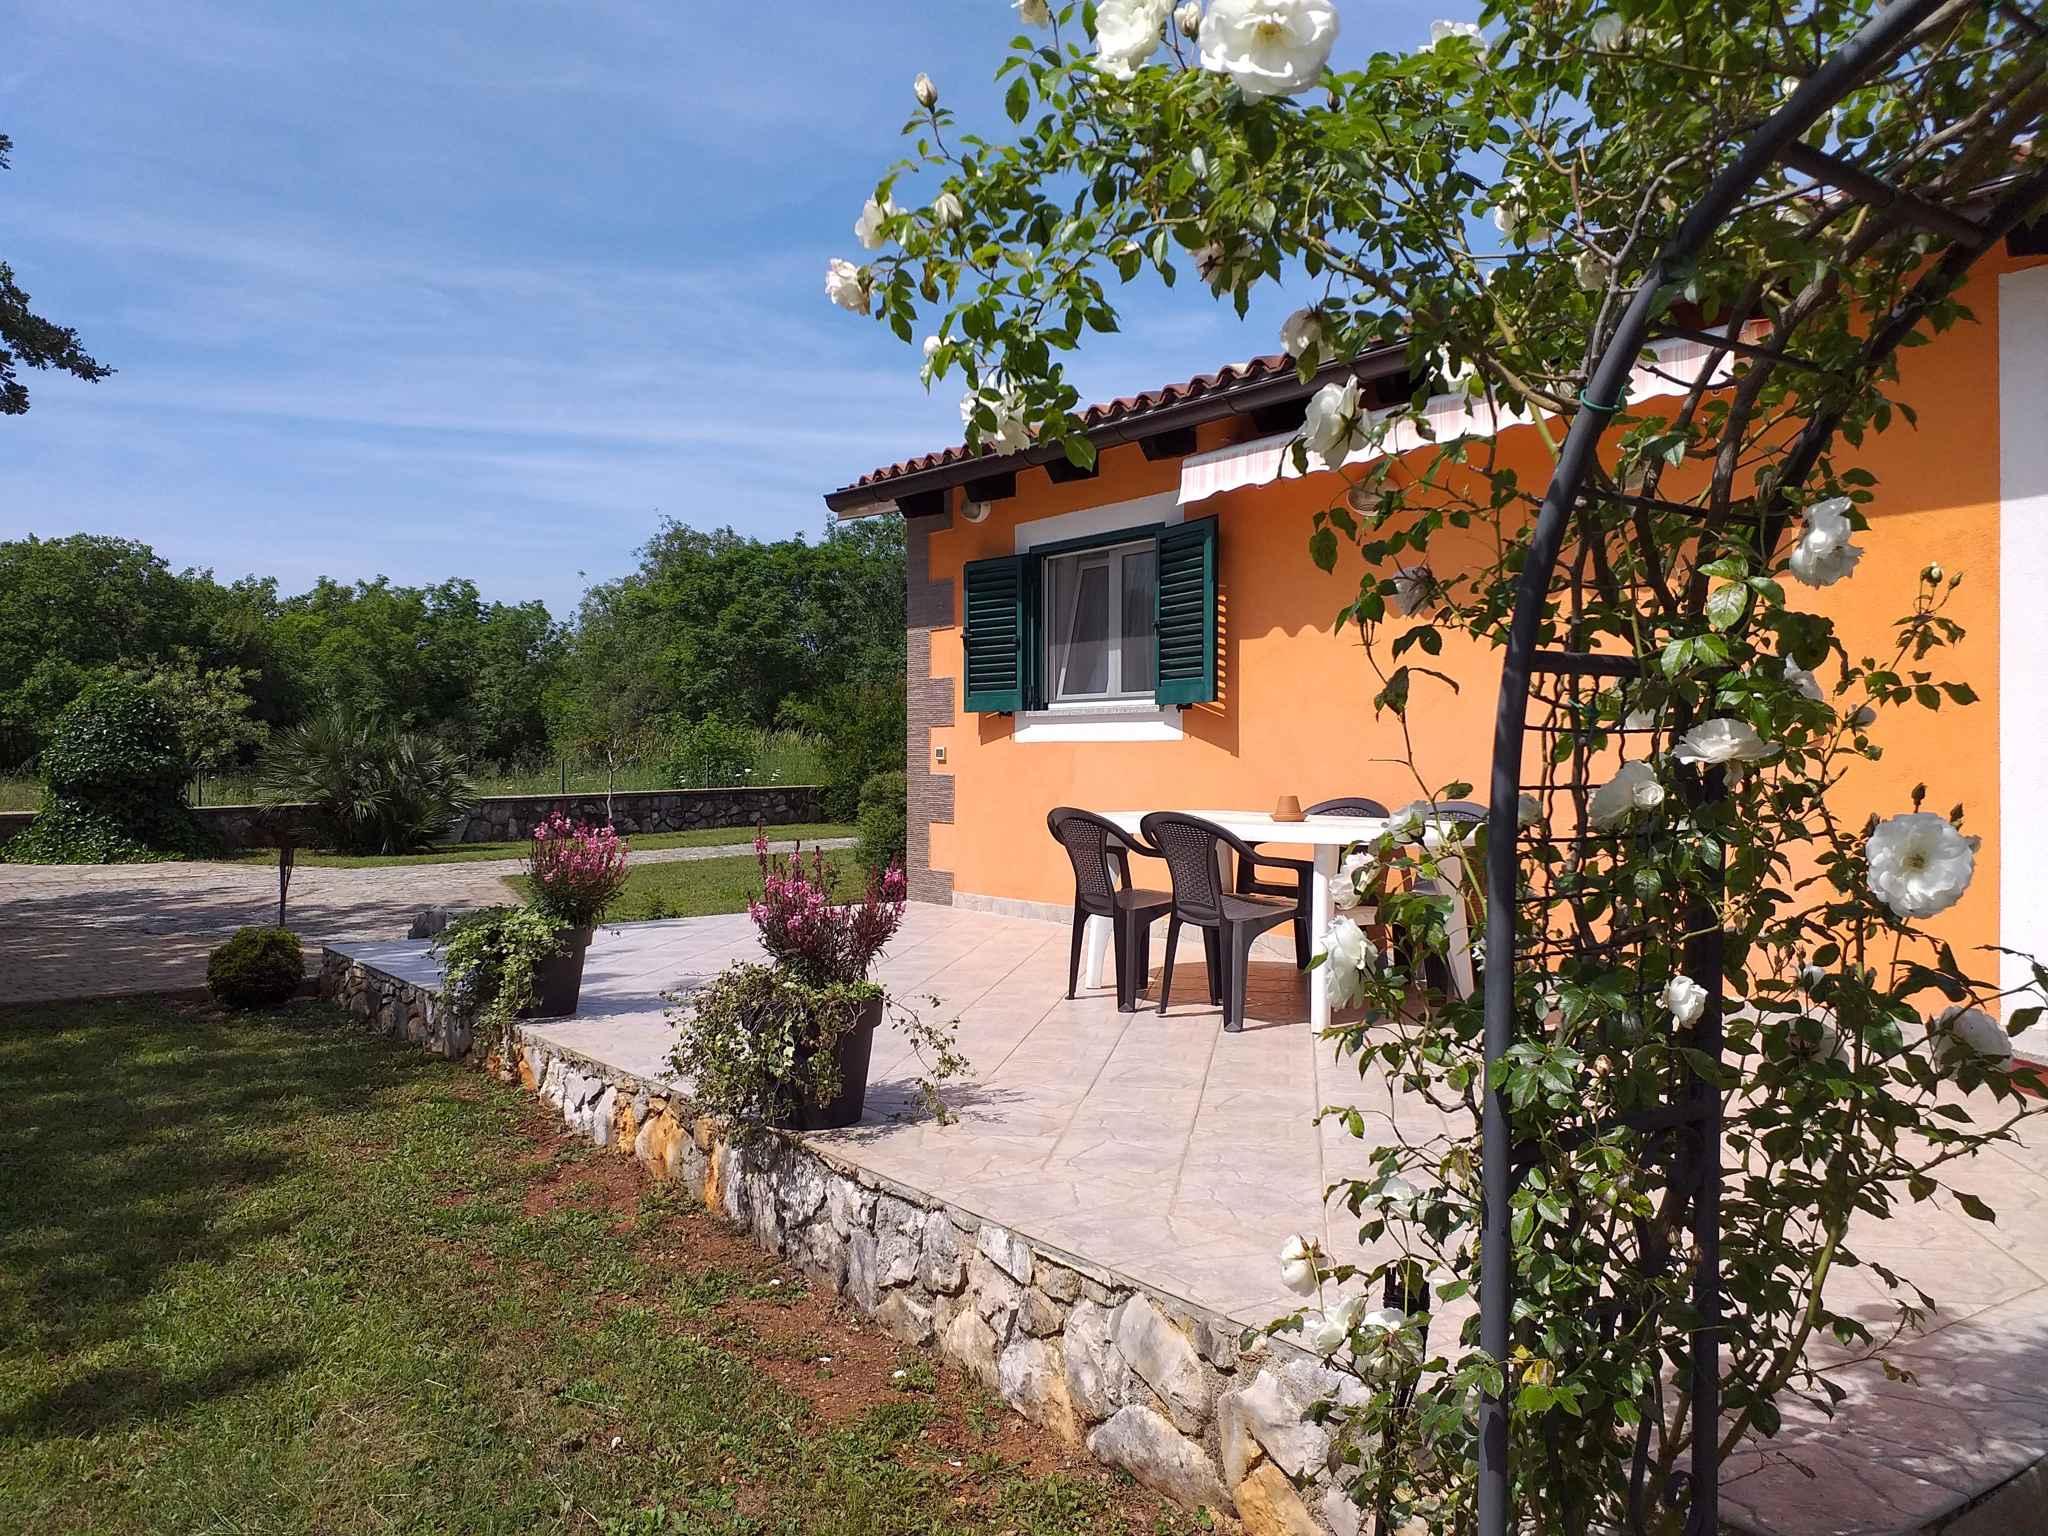 Ferienhaus mit Garten, 2,5km vom Meer entfernt (281005), Rovinj, , Istrien, Kroatien, Bild 3